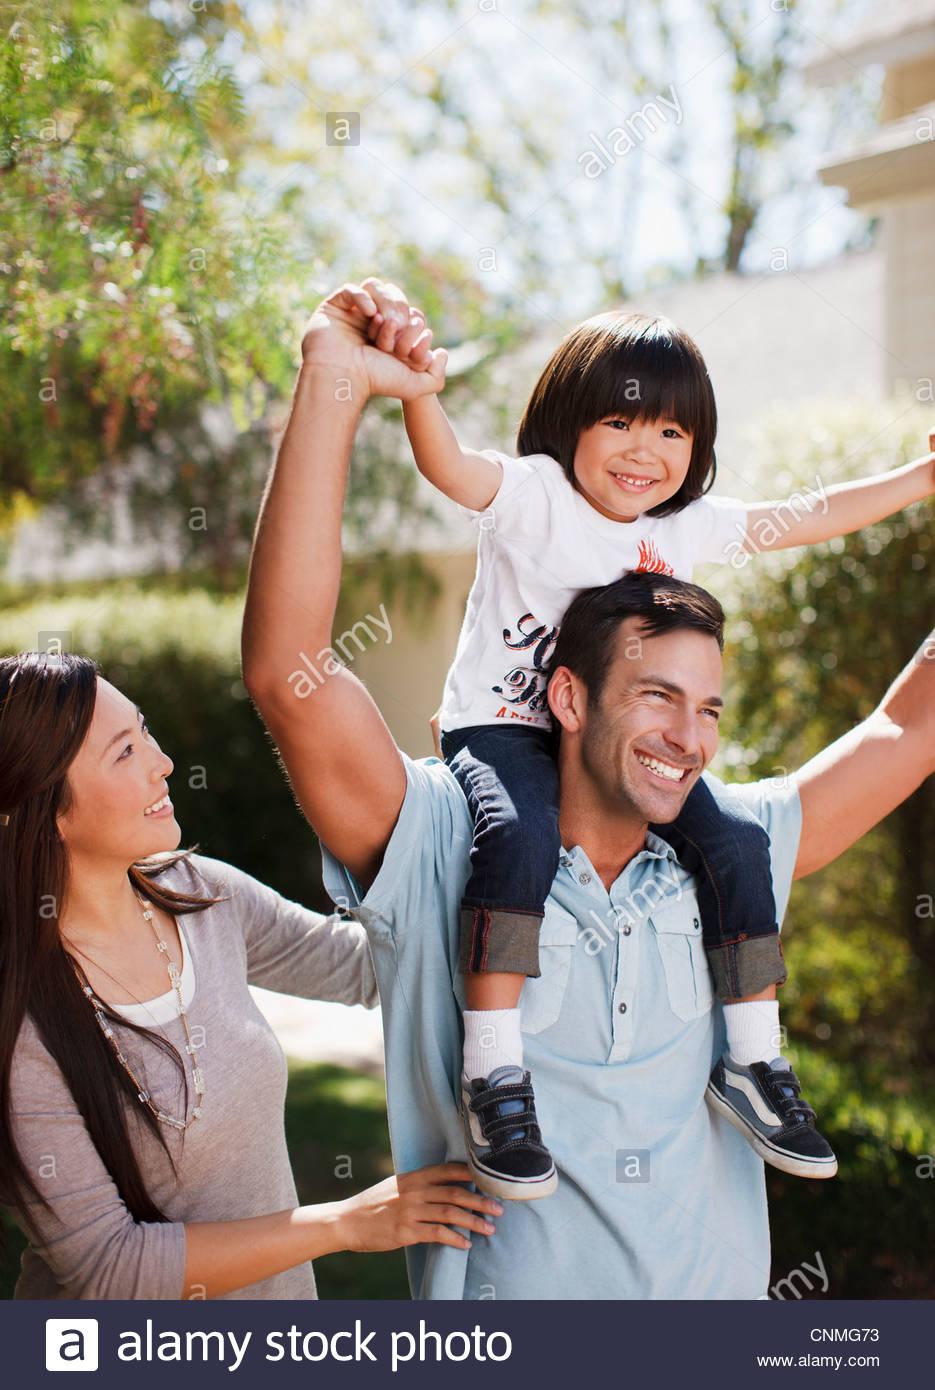 Familia caminando juntos al aire libre Imagen De Stock